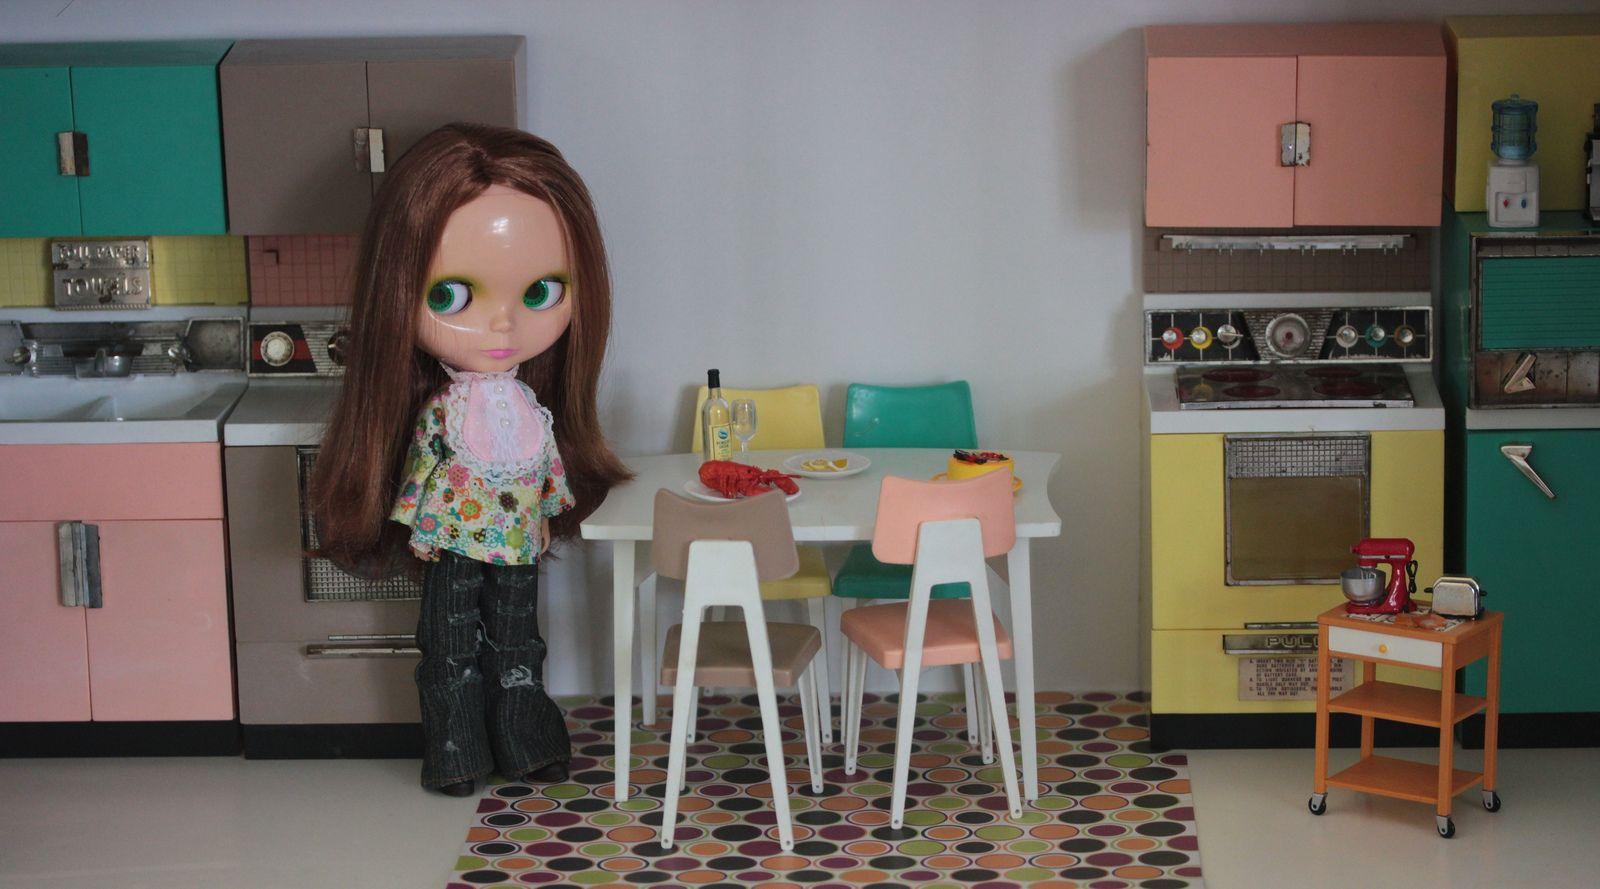 Bijoux in her new kitchen | Flickr - Photo Sharing!